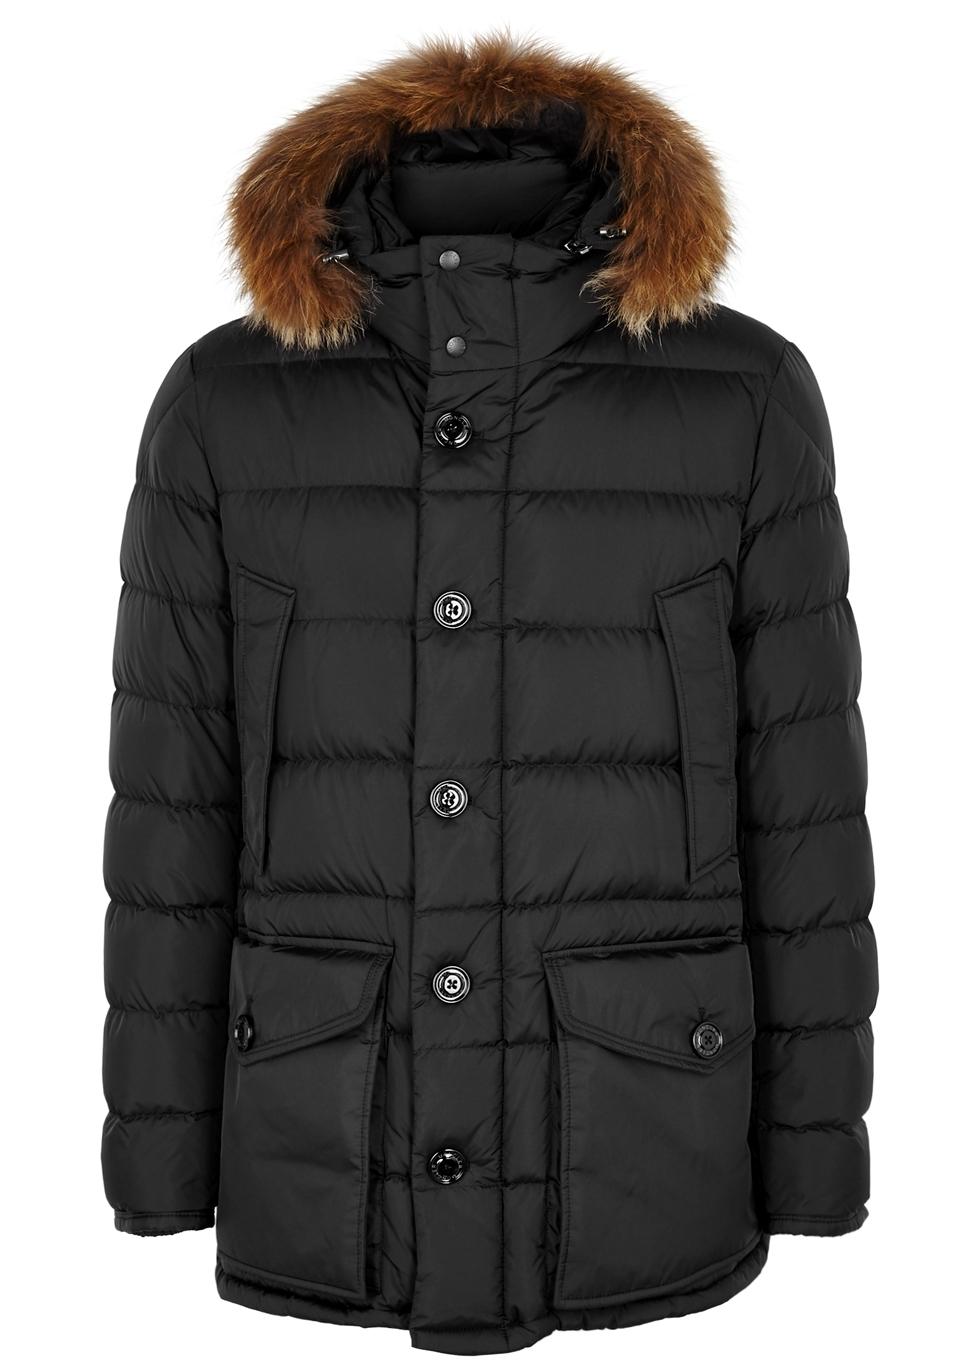 cc2d0bbbe218d Moncler - Designer Jackets